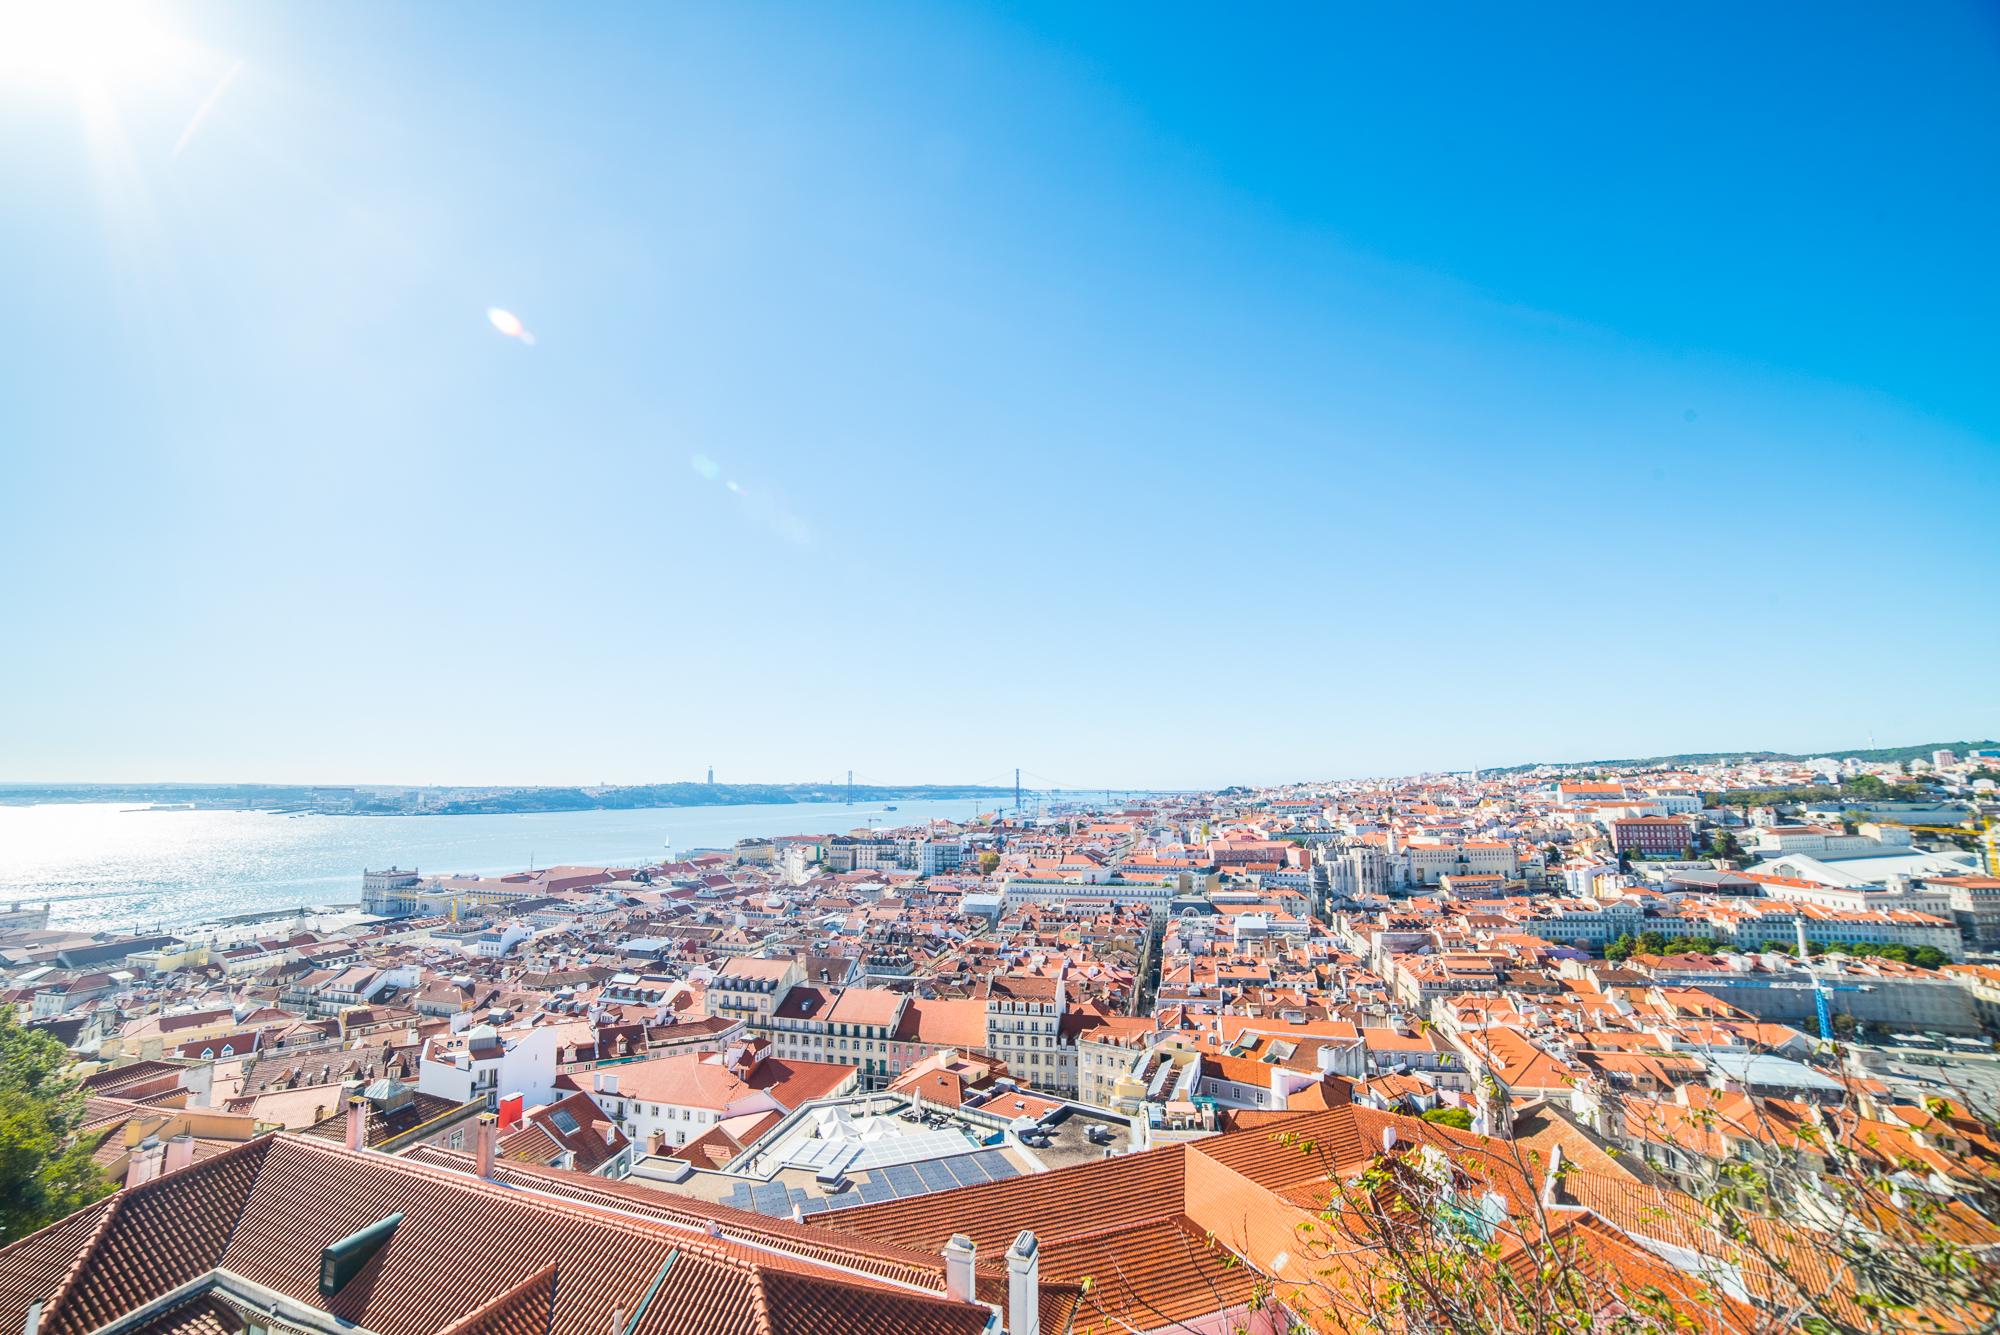 Lisbon, part 2